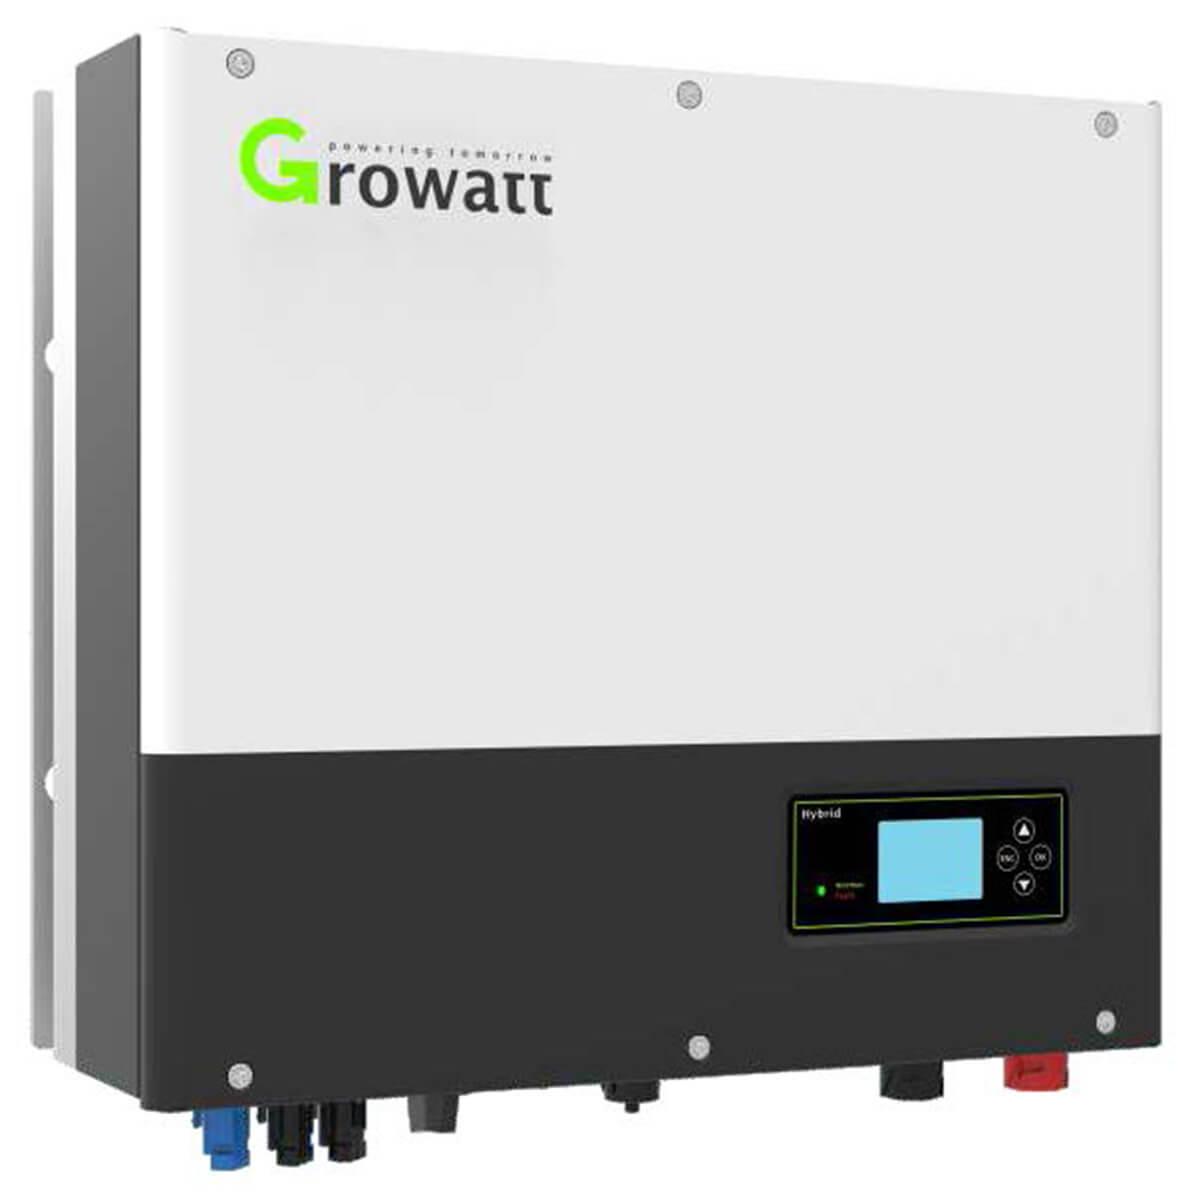 growatt 6000W hibrit inverter, growatt sph 6000W hibrit inverter, growatt sph 6000tl3 bh hibrit inverter, growatt sph 6000tl3 bh, growatt sph 6000 W, GROWATT 6000W